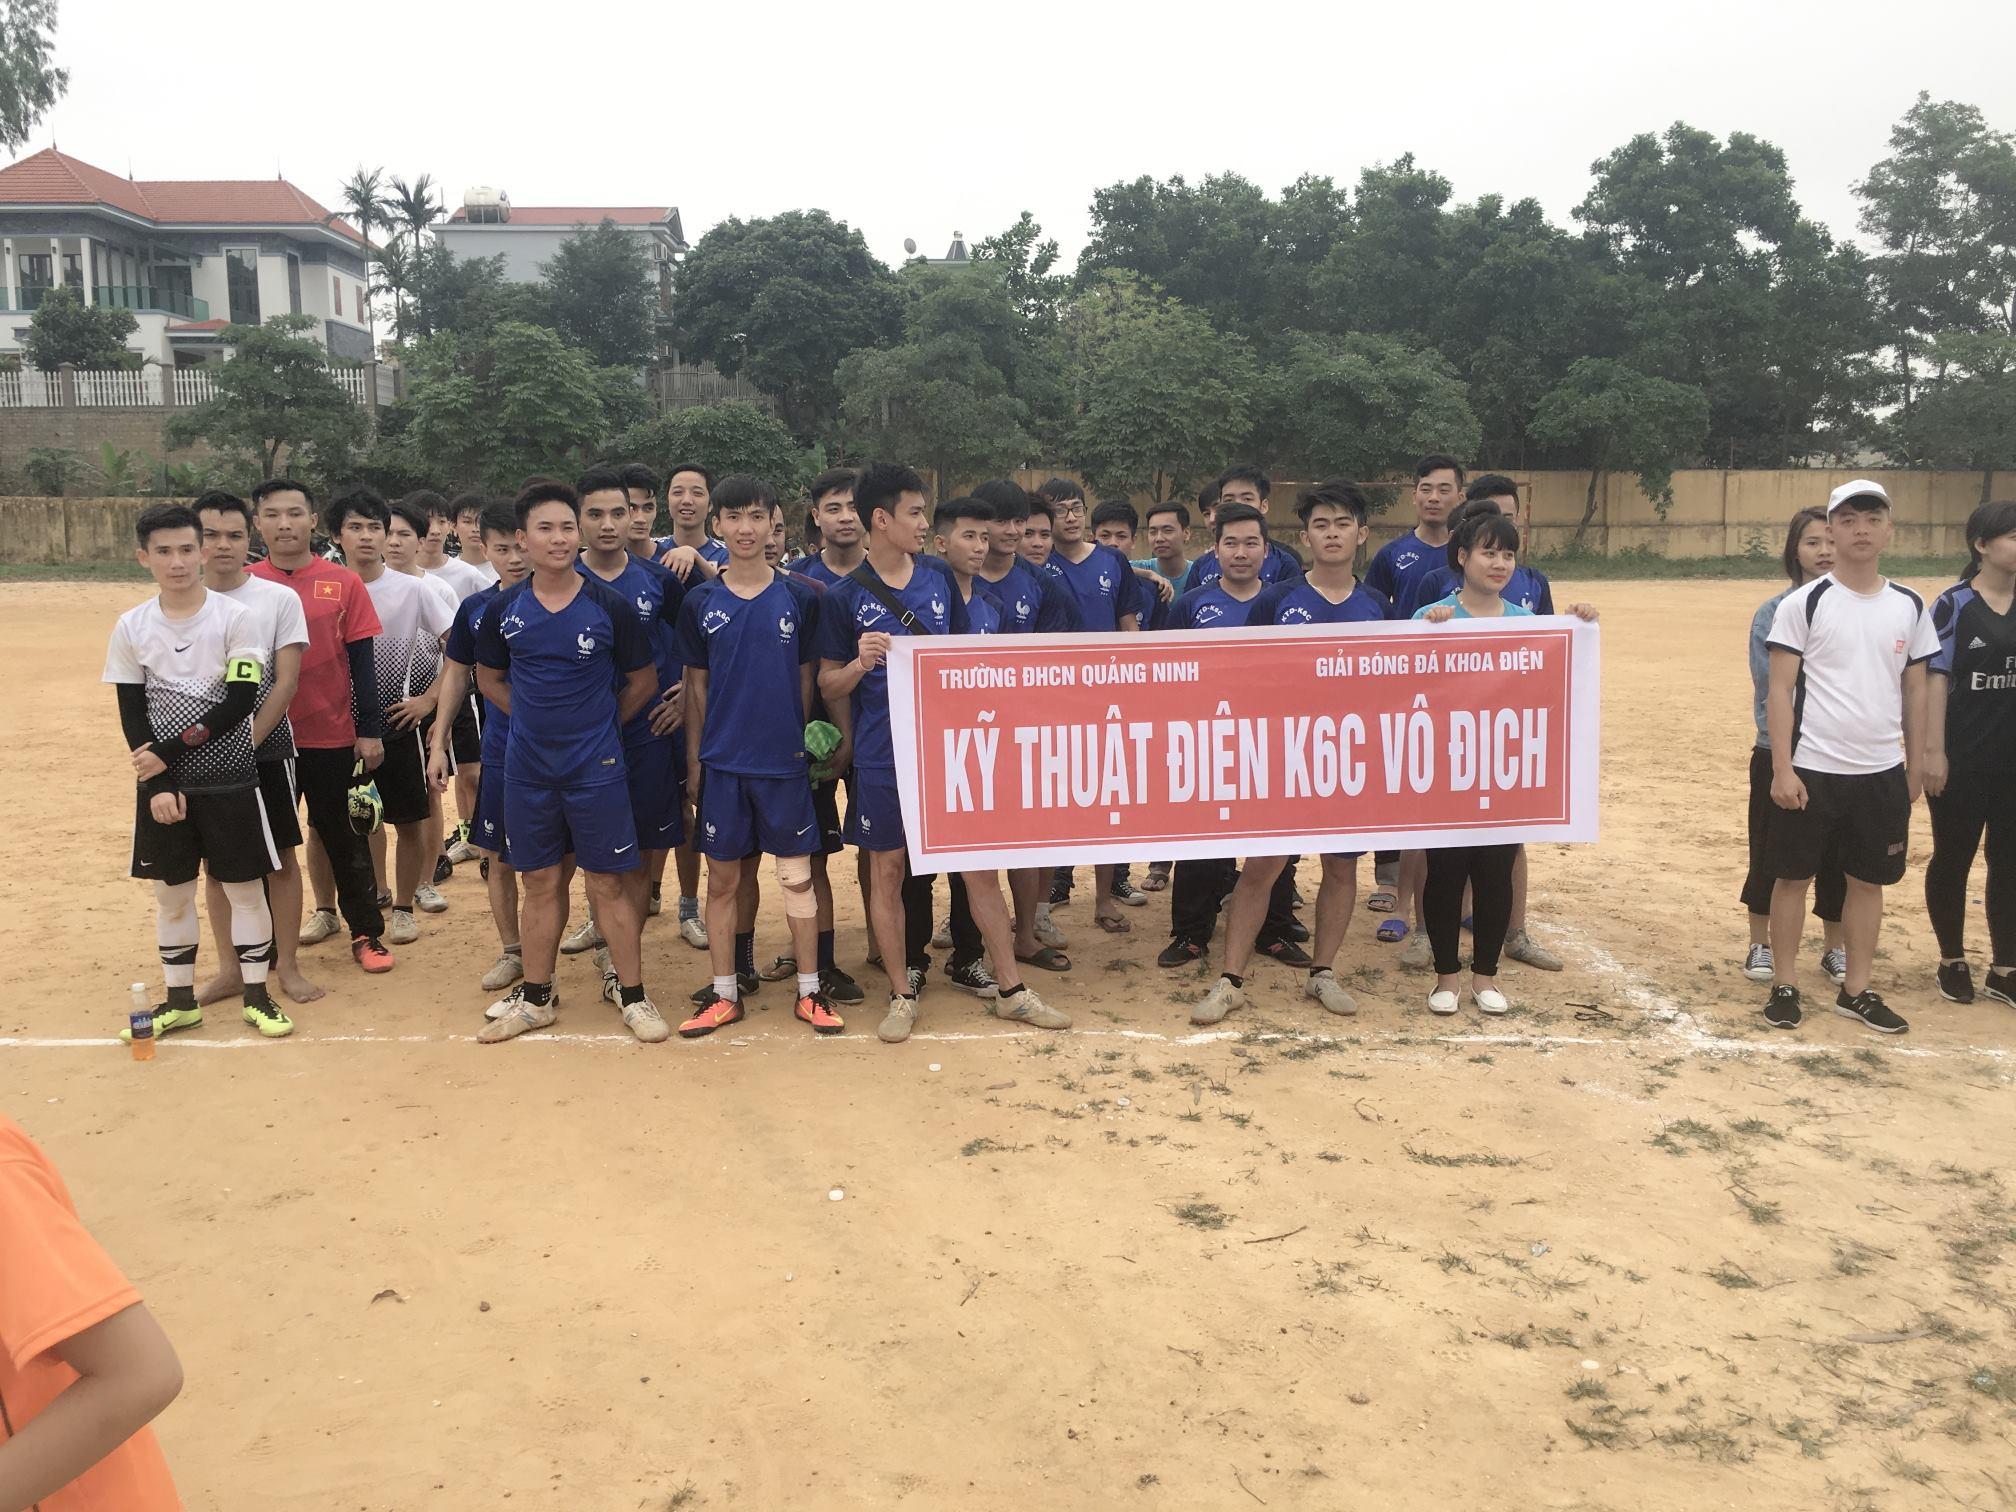 Giải bóng đá nam khoa Điện năm 2017 thành công tốt đẹp